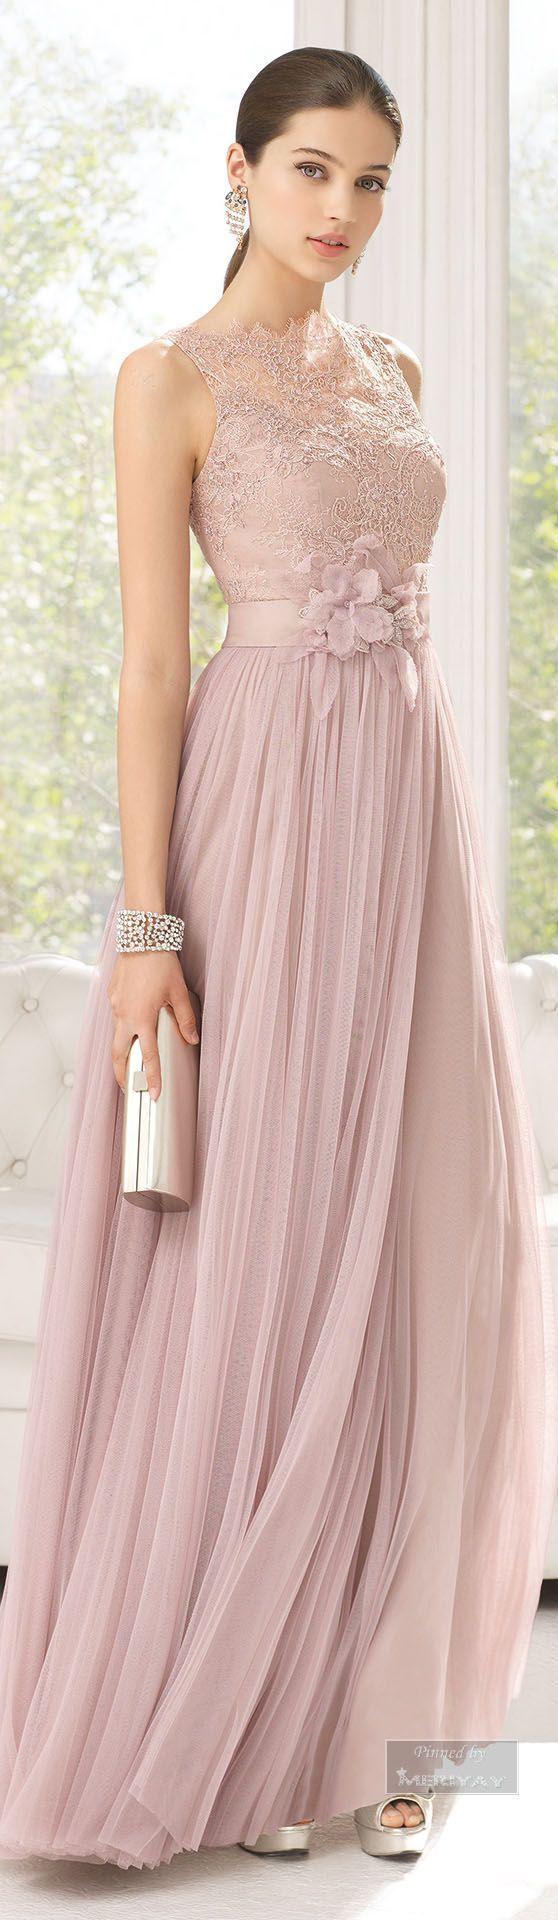 Vestido de madrinha rosa barato